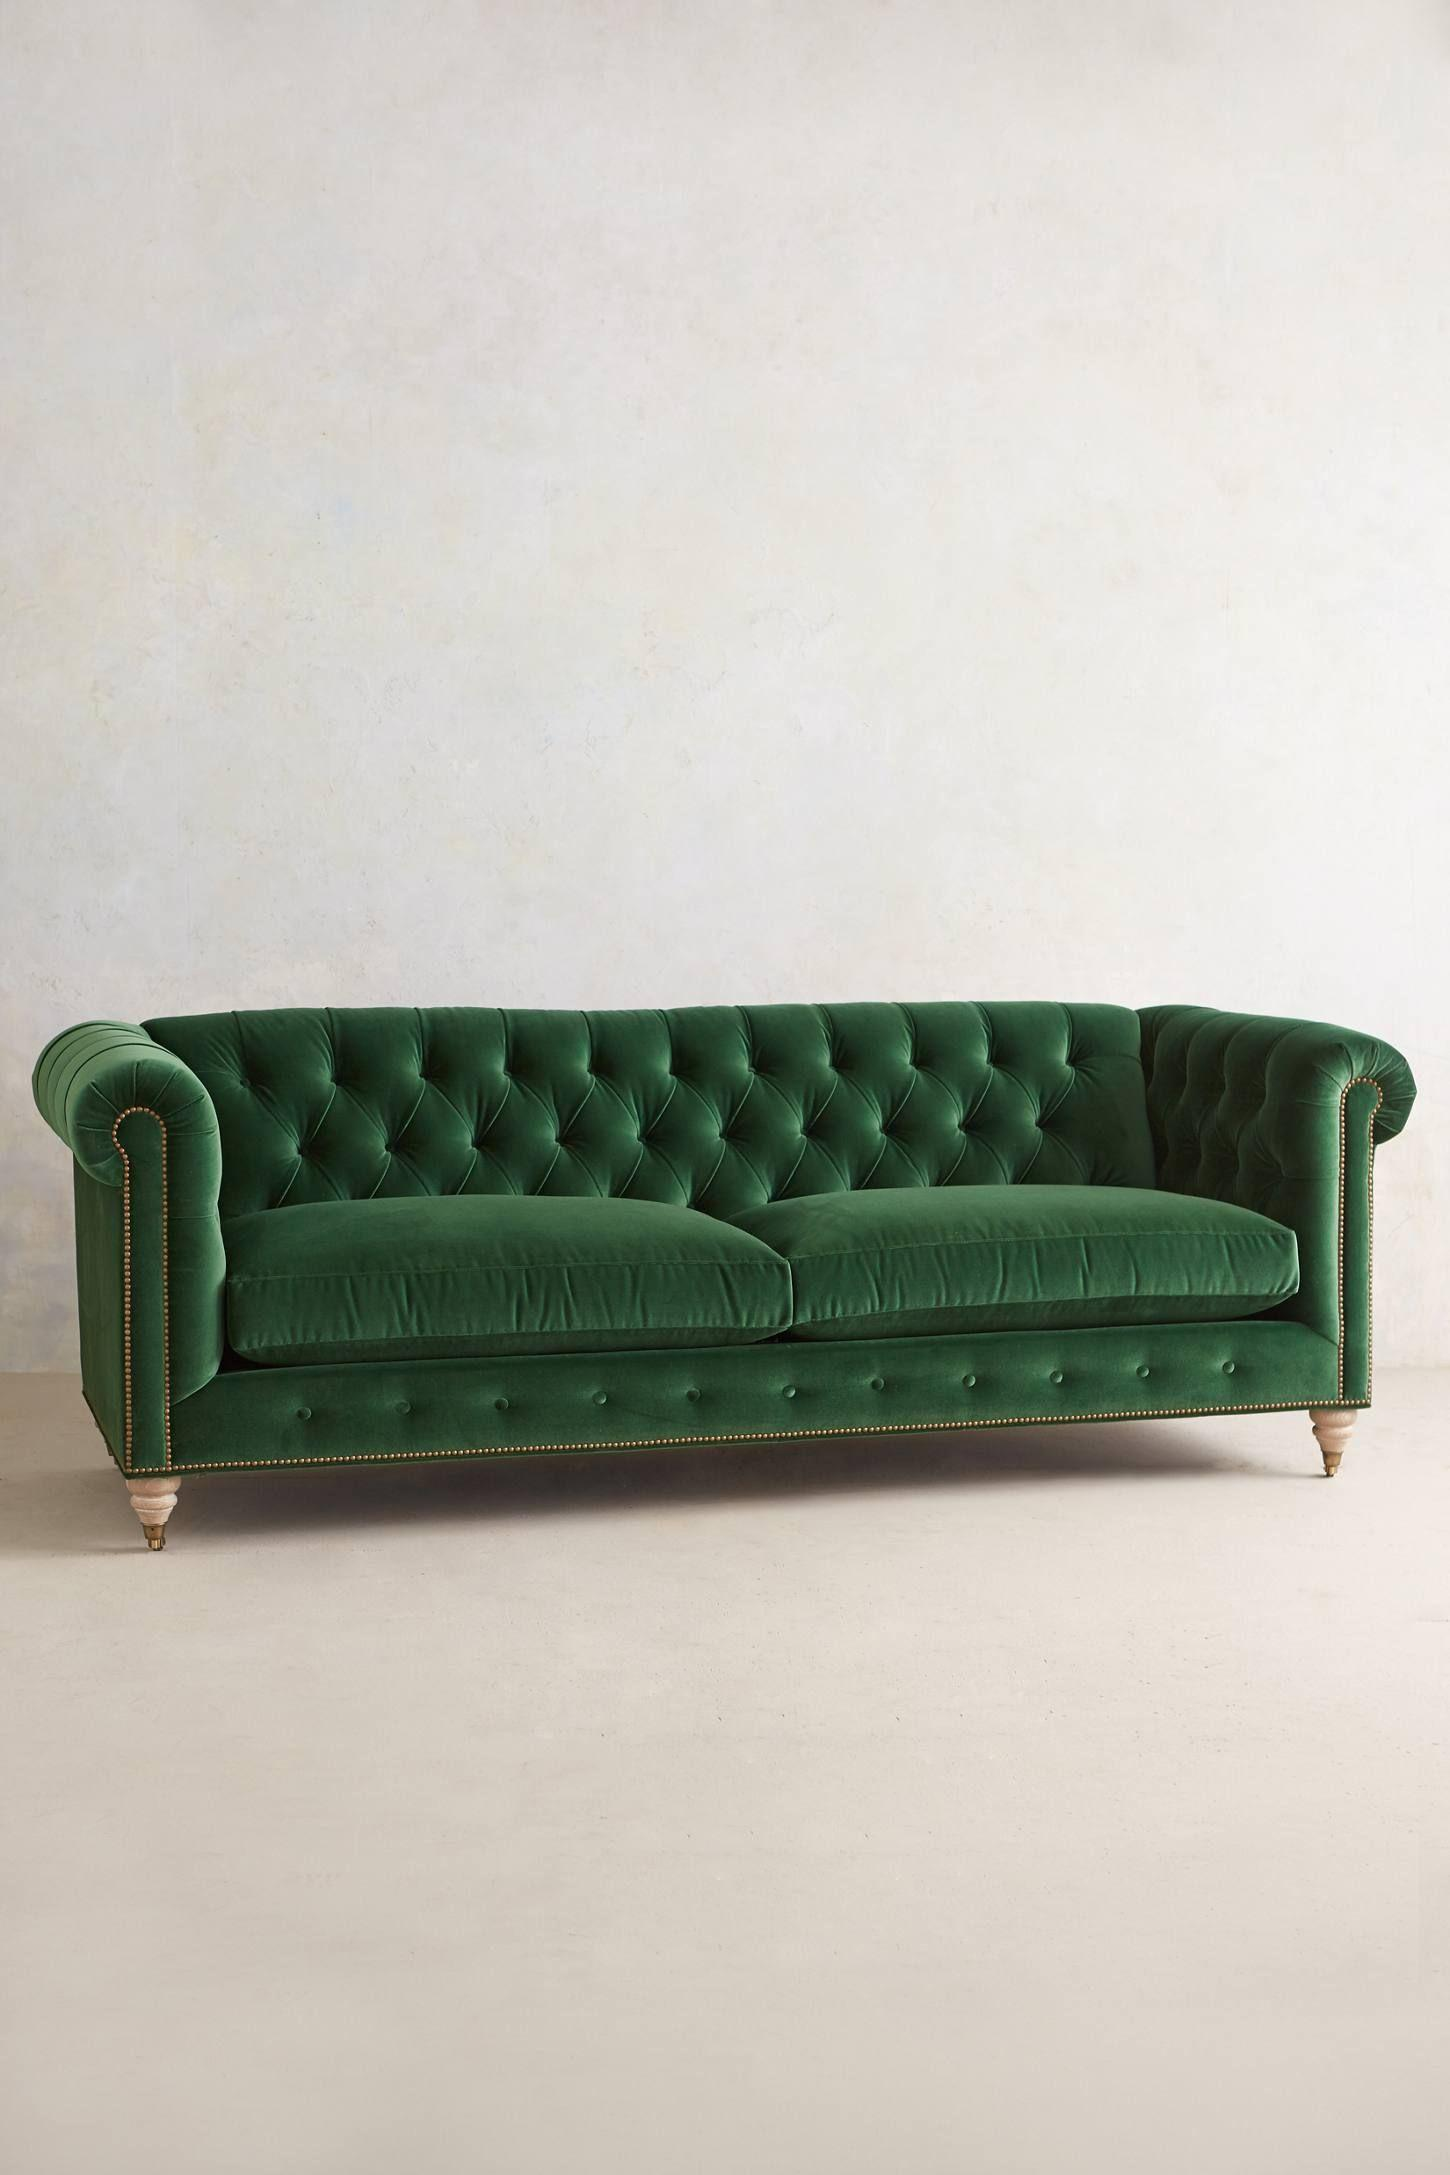 Chesterfield Sofa Grün Leder